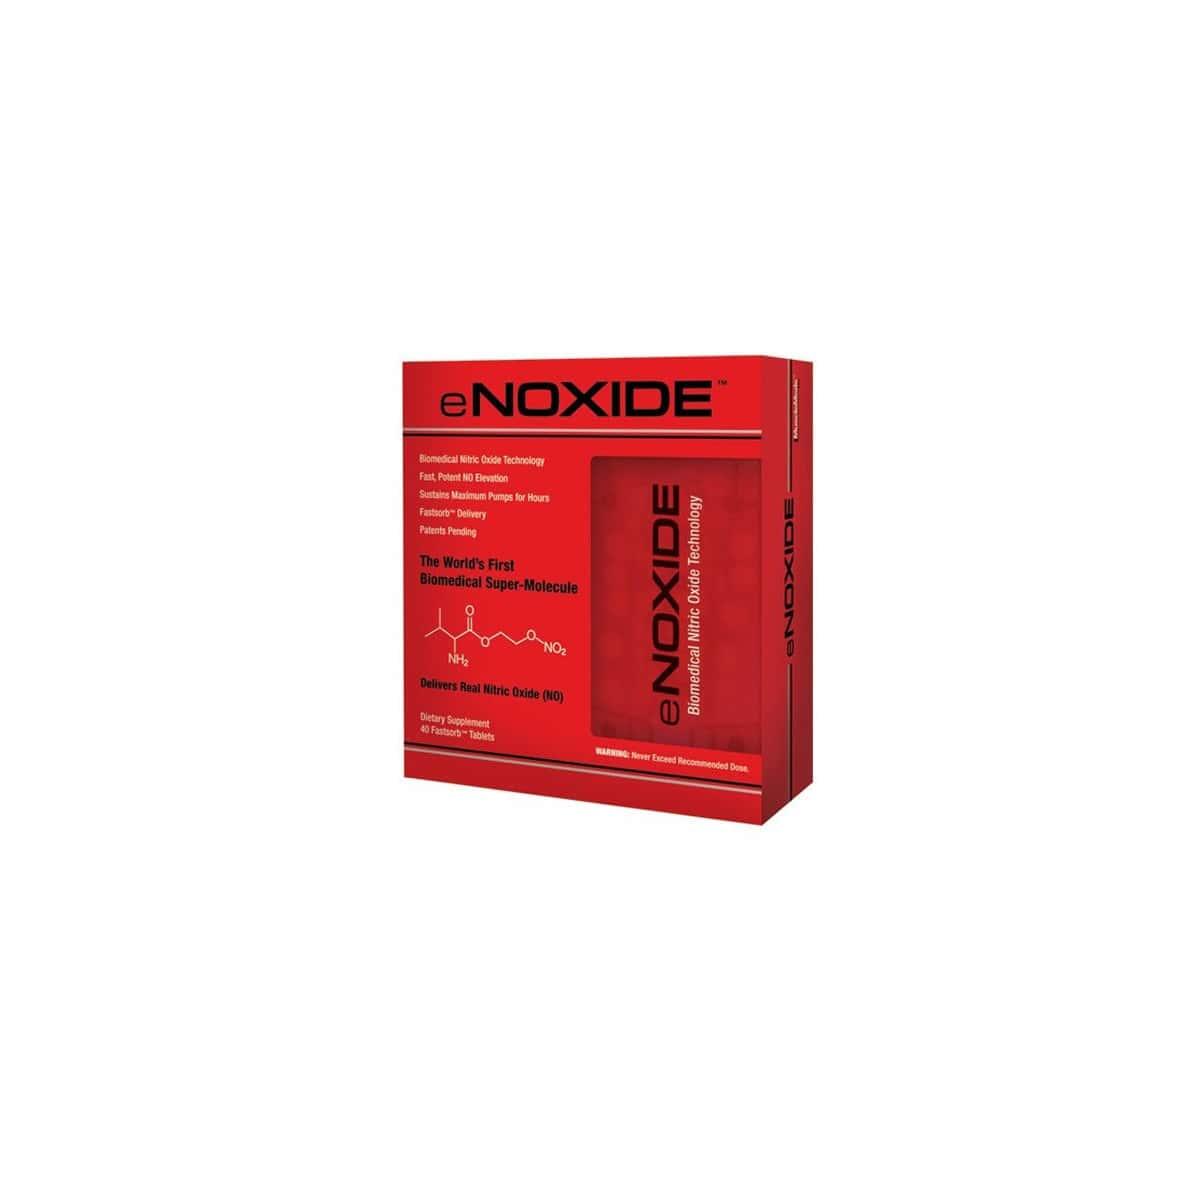 eNOXIDE (40 Caps)